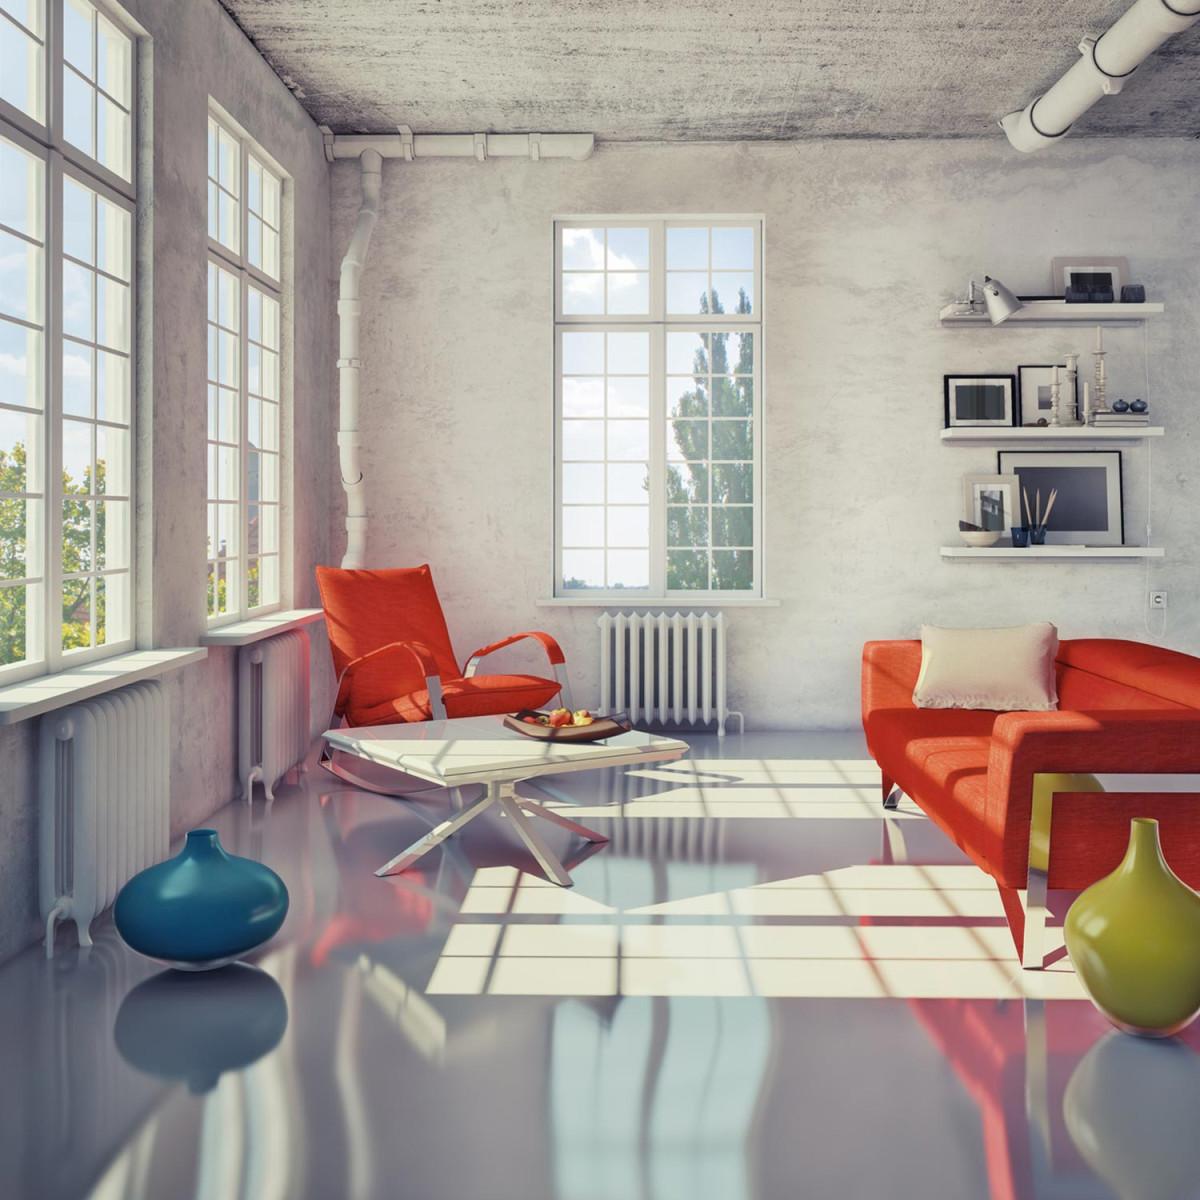 Peinture r sine epoxy cuisine et sol int rieur maison tanche - Revetement etanche salle de bain ...